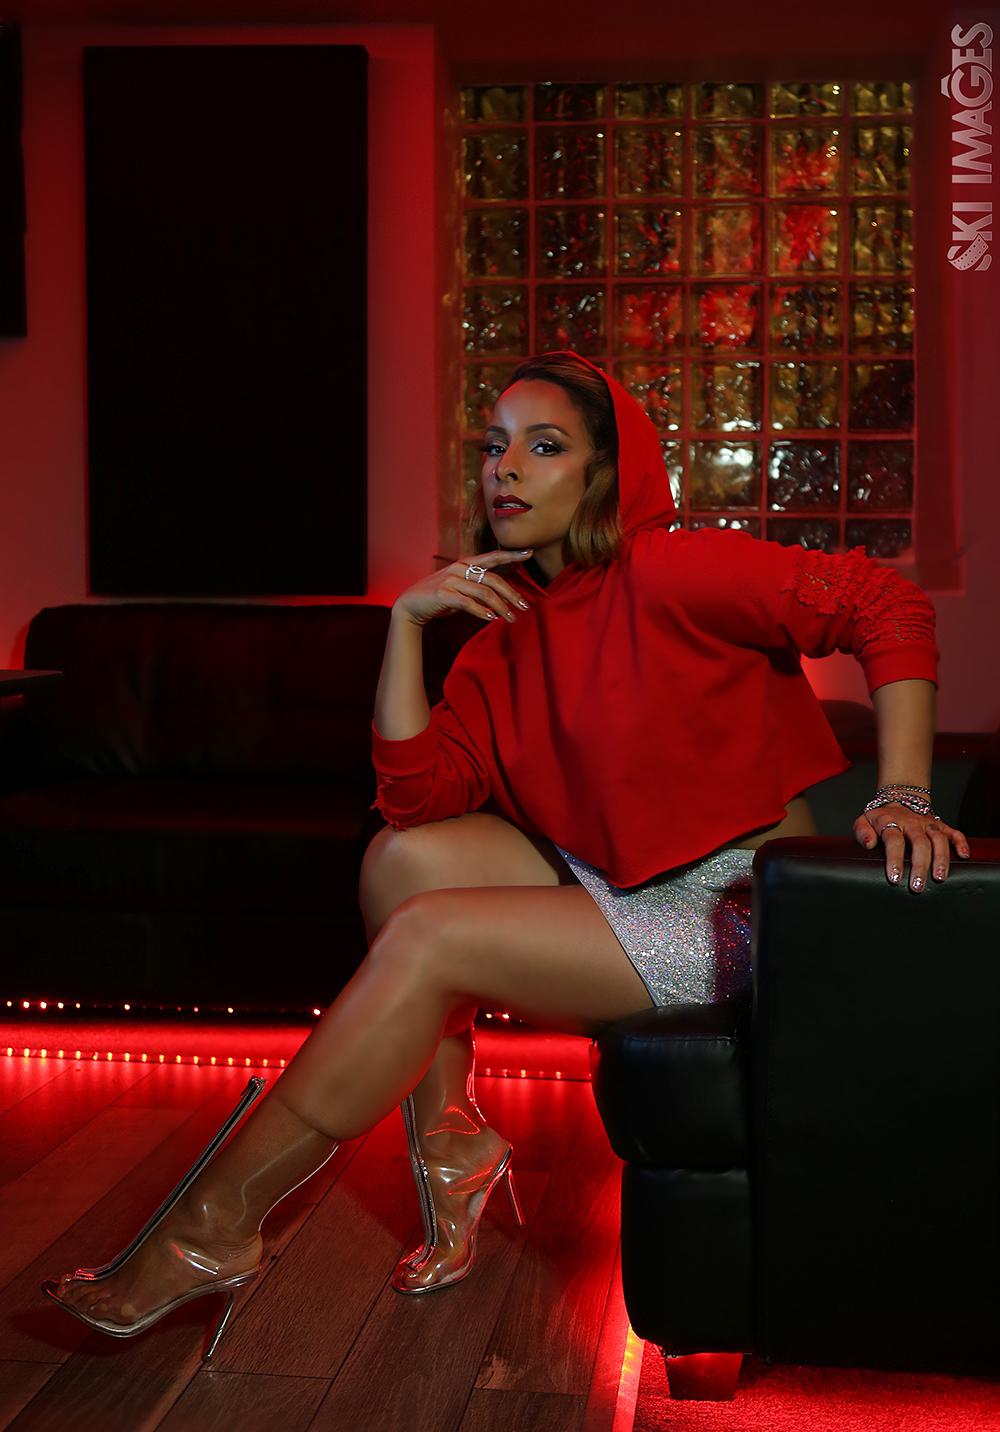 Miss YaYa, cantante de salsa urbana para no parar de bailar.